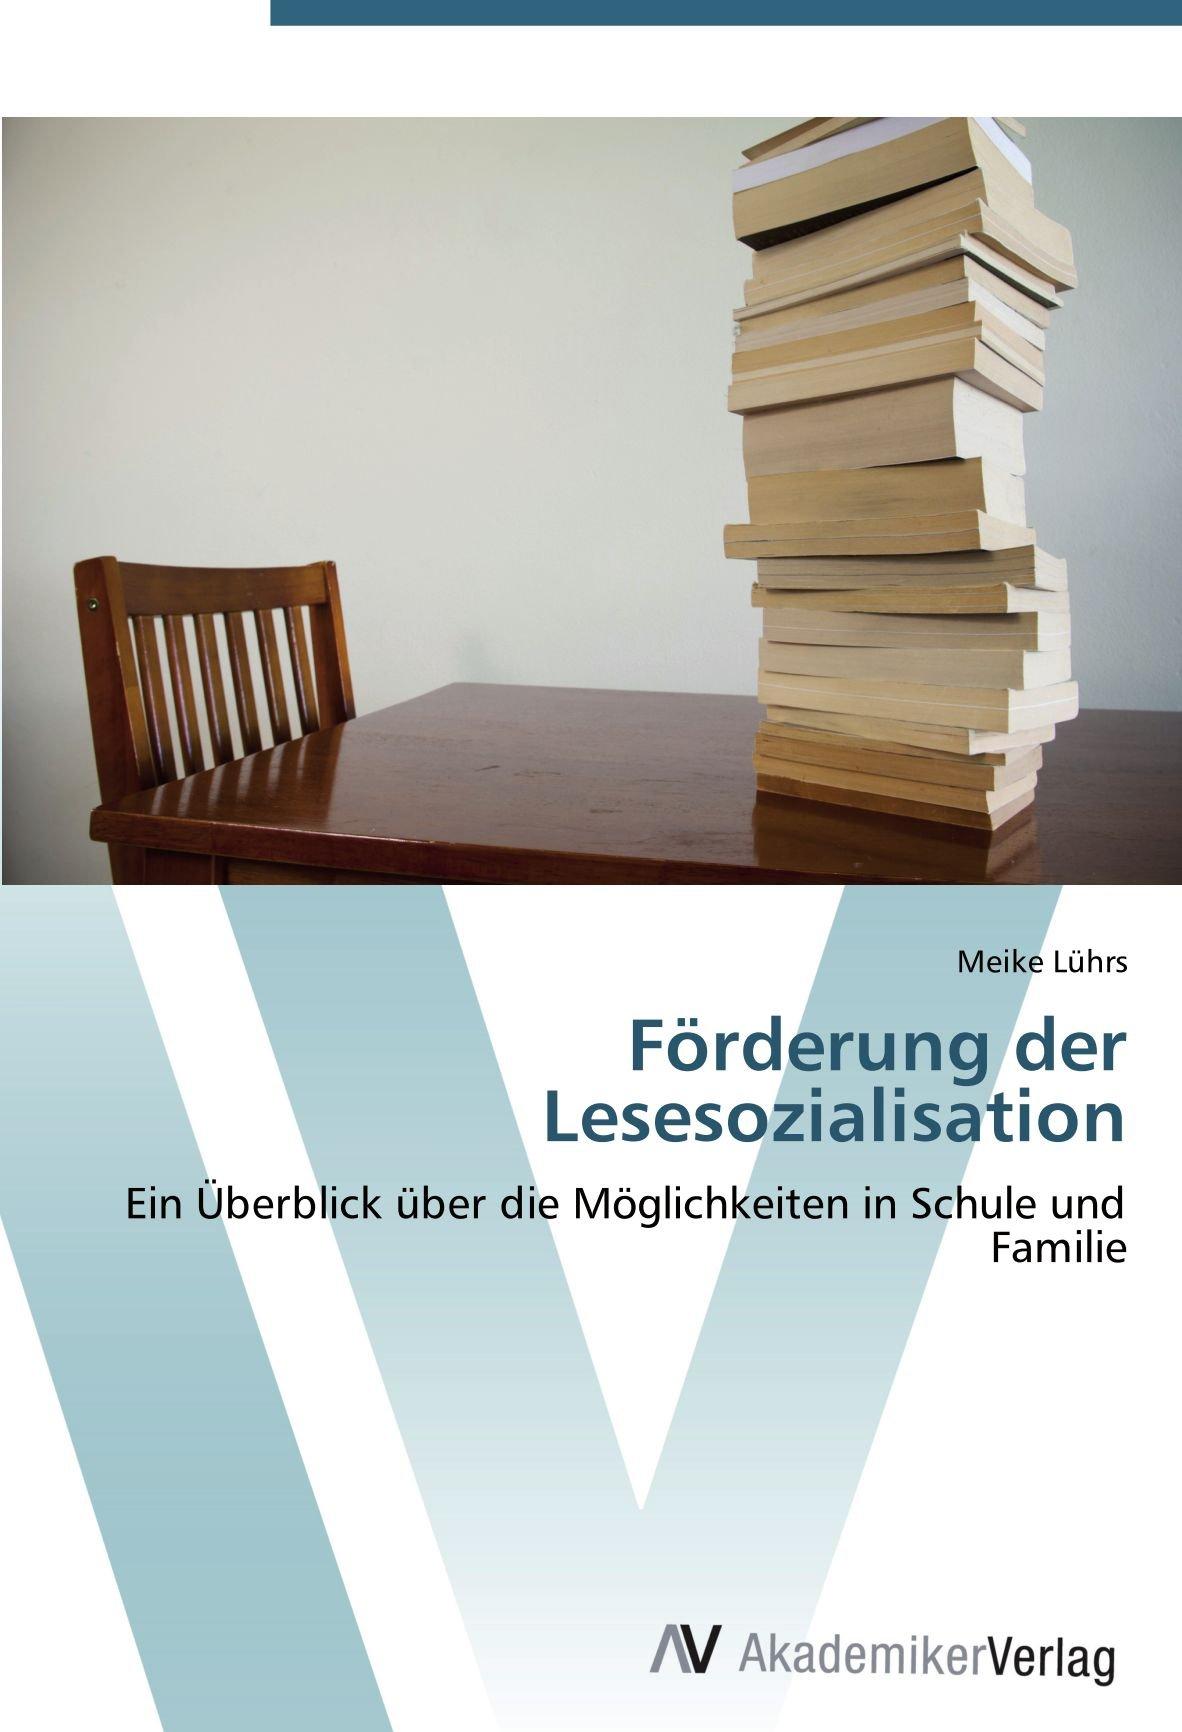 Förderung der Lesesozialisation: Ein Überblick über die Möglichkeiten in Schule und Familie